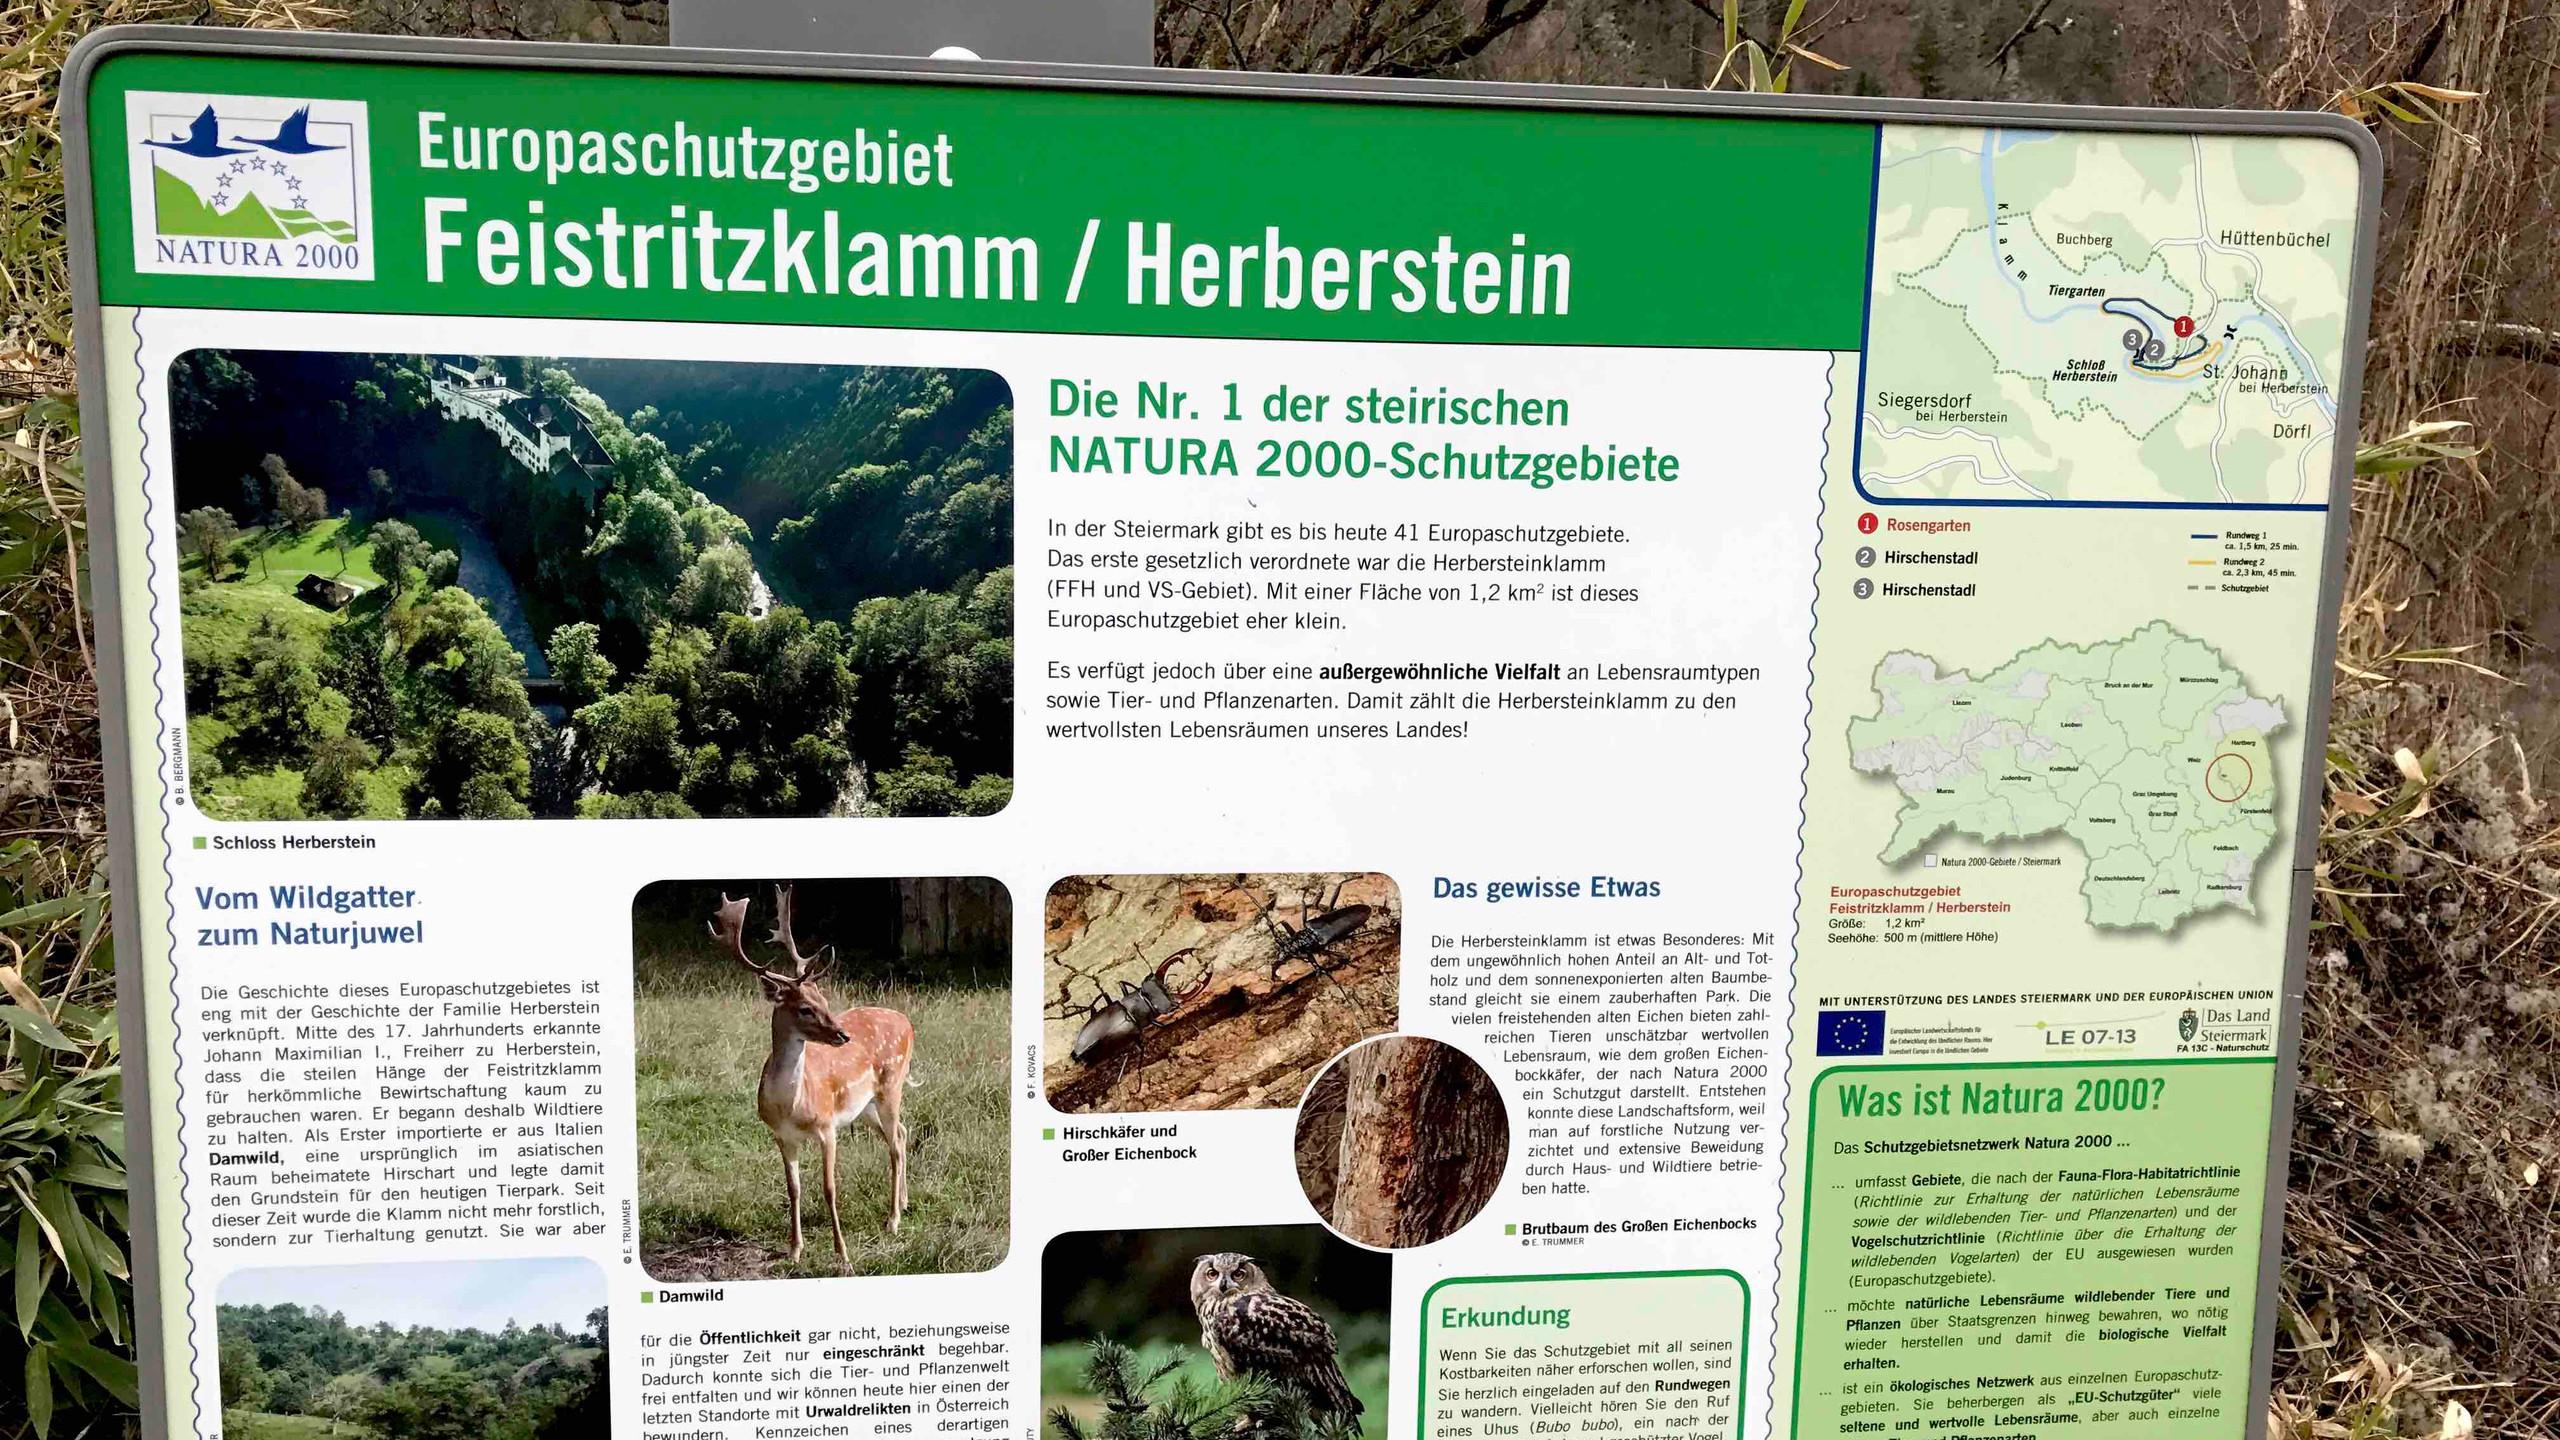 Herberstein Zoo wilhelm 2017 IMG_0298 kopie